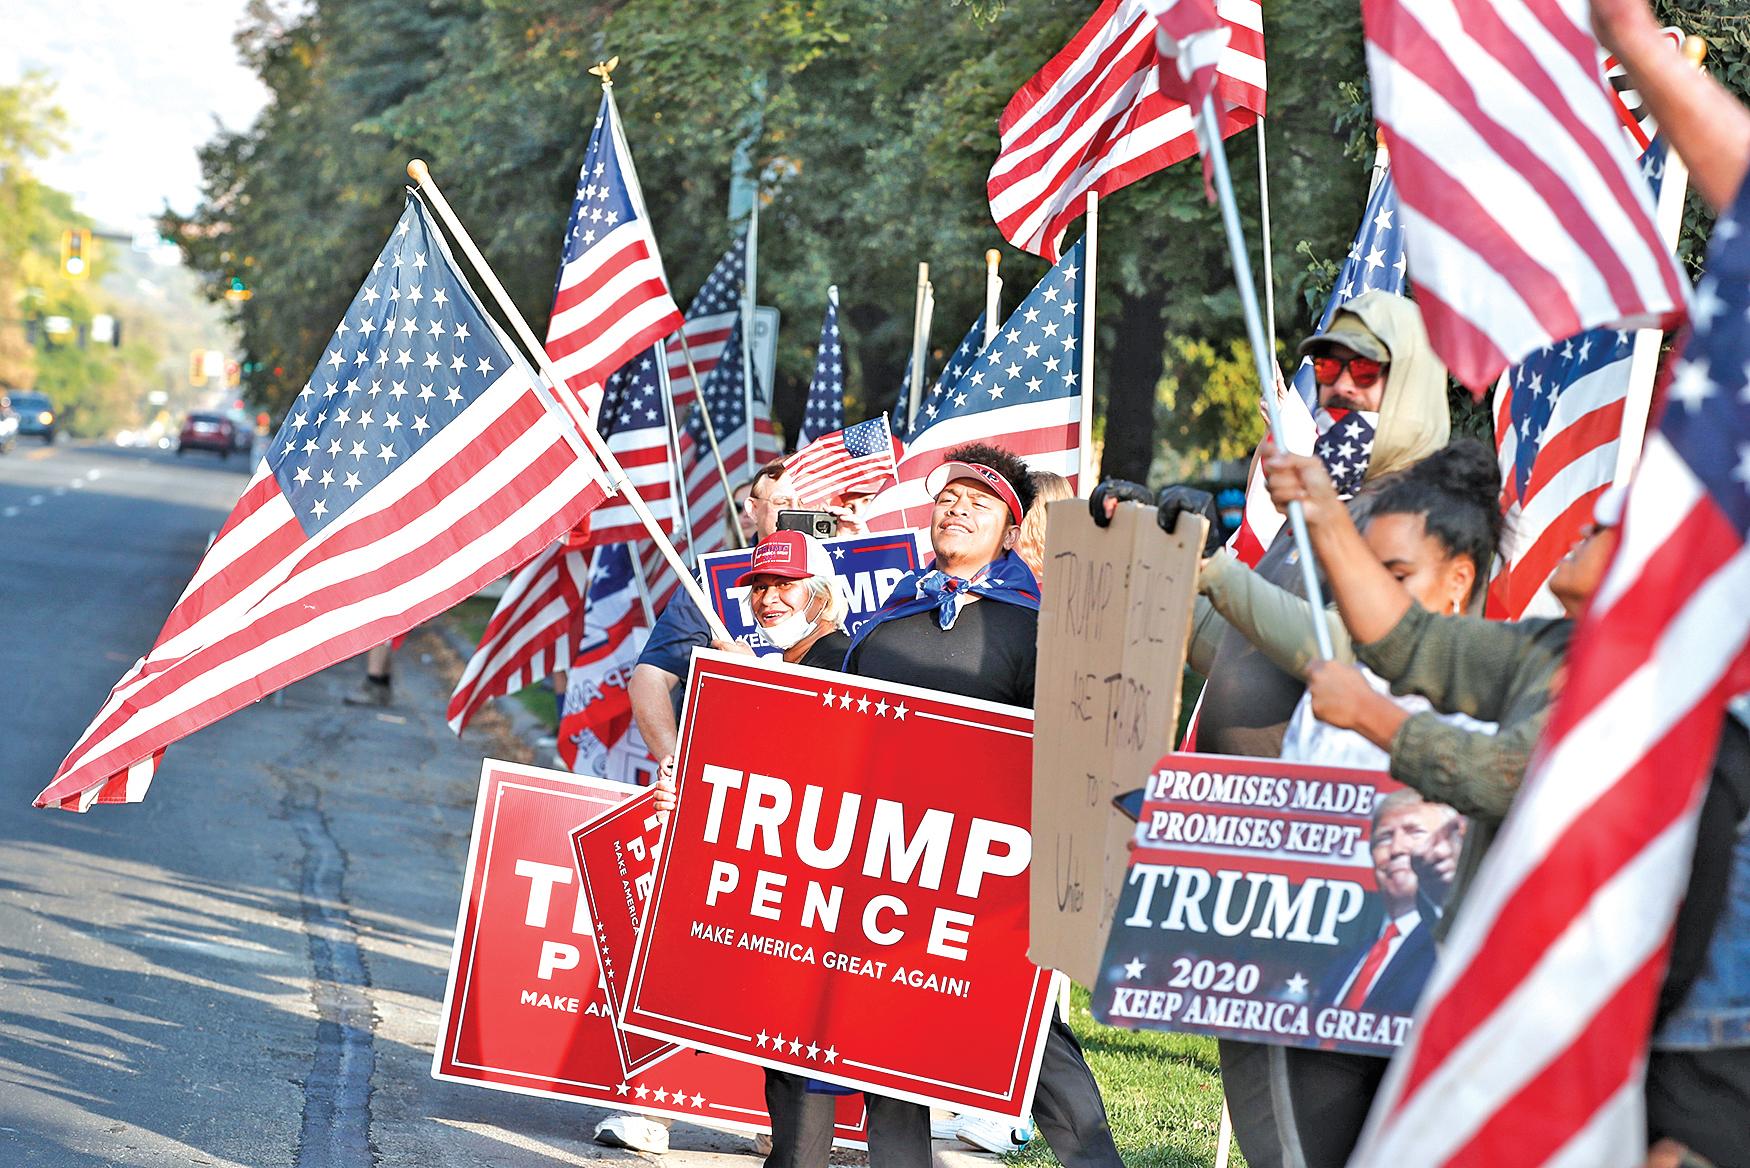 2020年10月7日,美國猶他州鹽湖城,猶他大學舉行的副總統辯論會開始之前,會場外的特朗普支持者舉著競選標語和美國國旗。(GEORGE FREY/AFP via Getty Images)